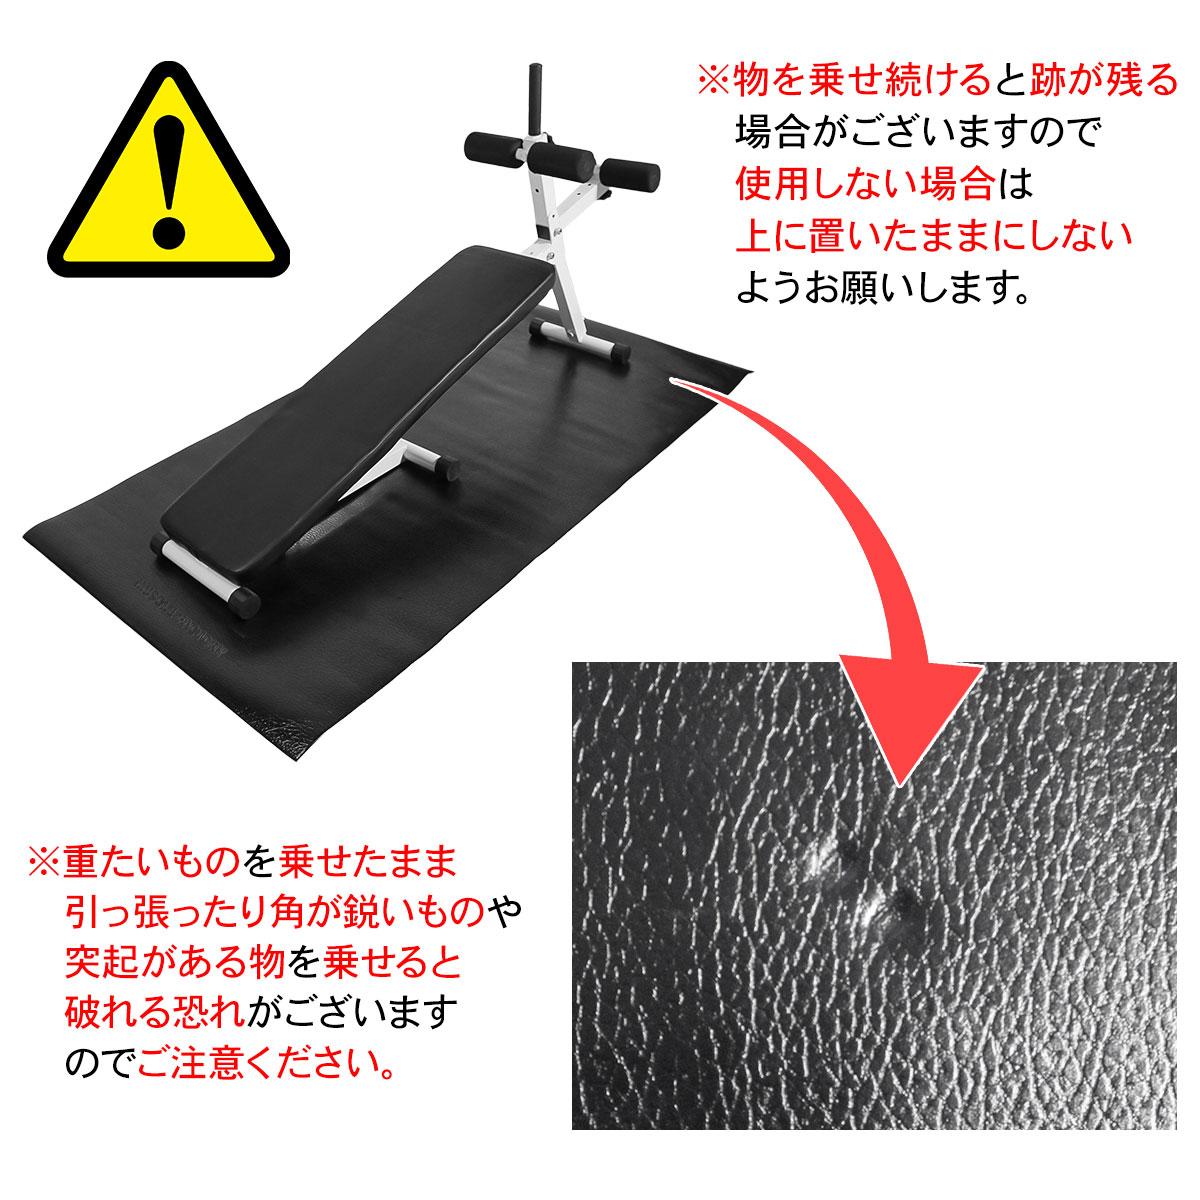 MUSCLE FACTORY フロアマット ベンチマット 筋トレ マット ヨガマット 防傷 防音 PVC 1000*700*6mm